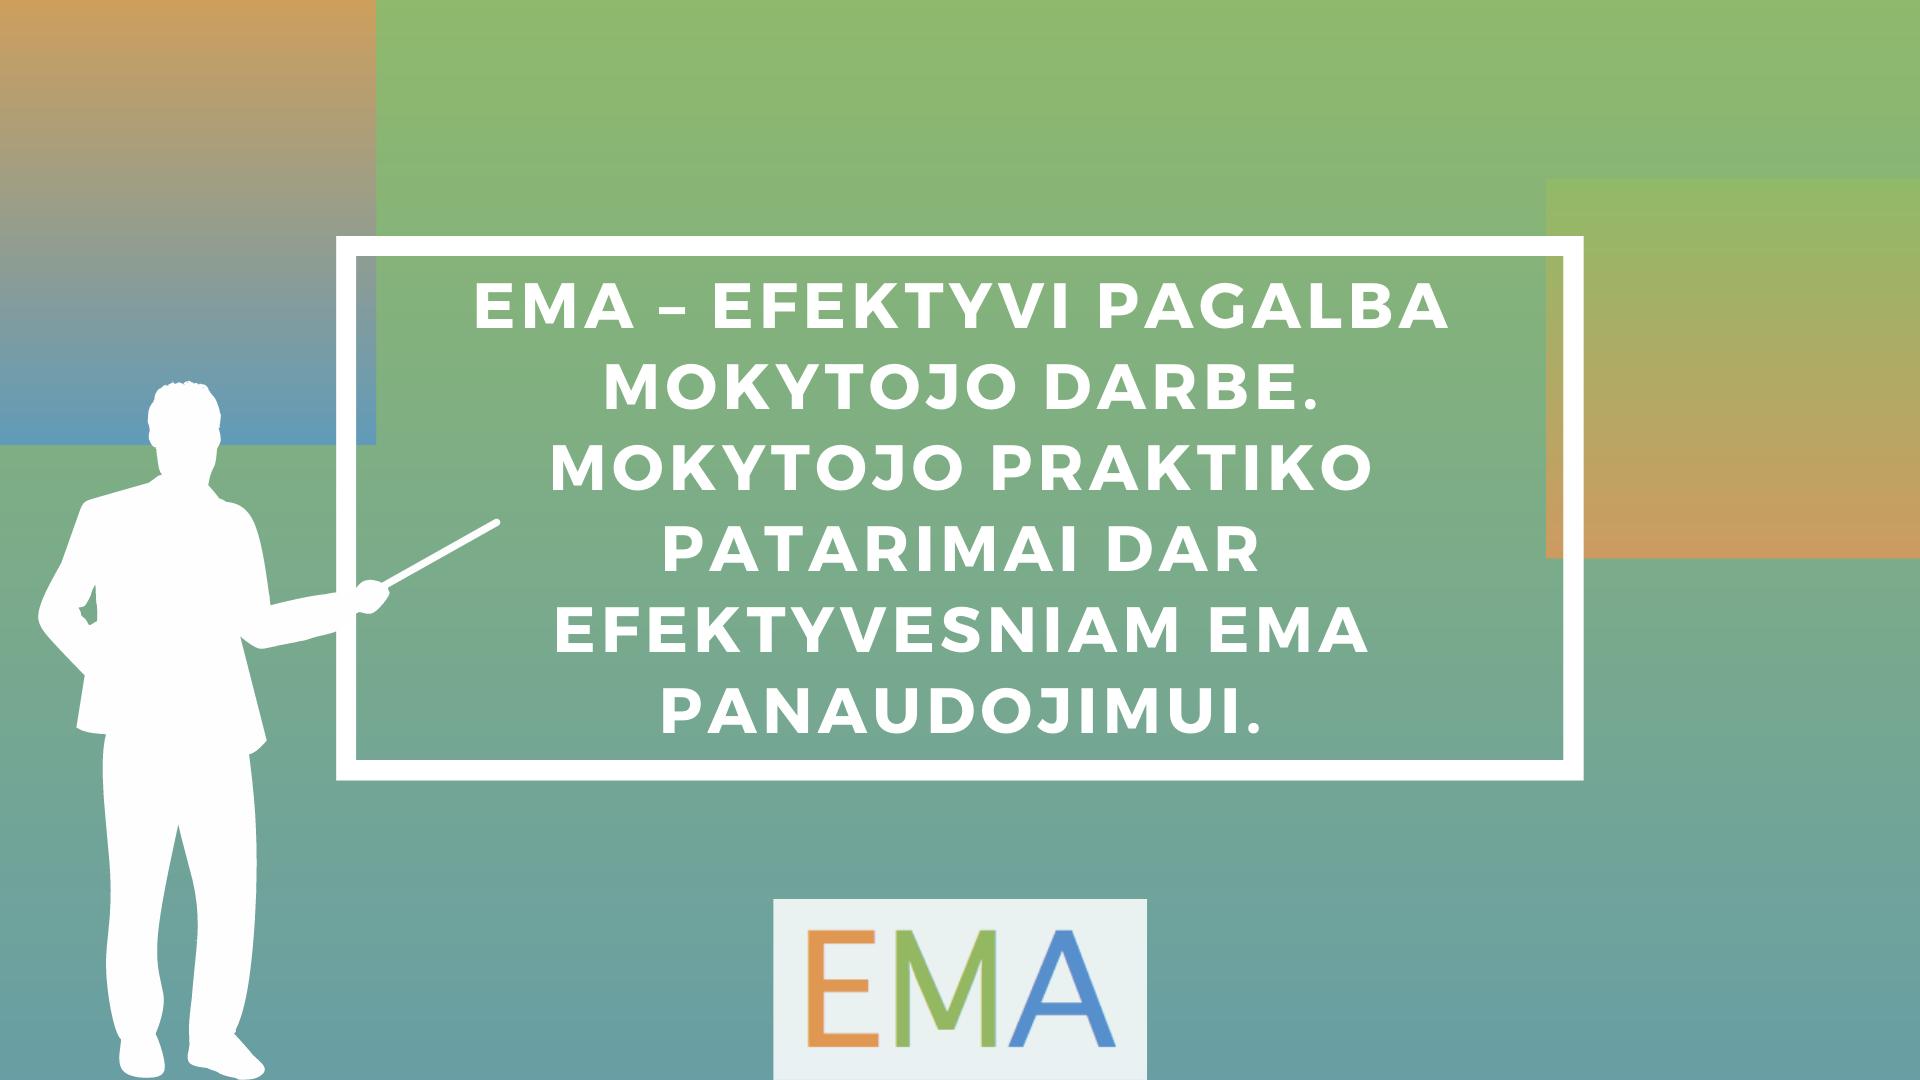 EMA – efektyvi pagalba mokytojo darbe. Mokytojo praktiko patarimai dar efektyvesniam EMA panaudojimui.